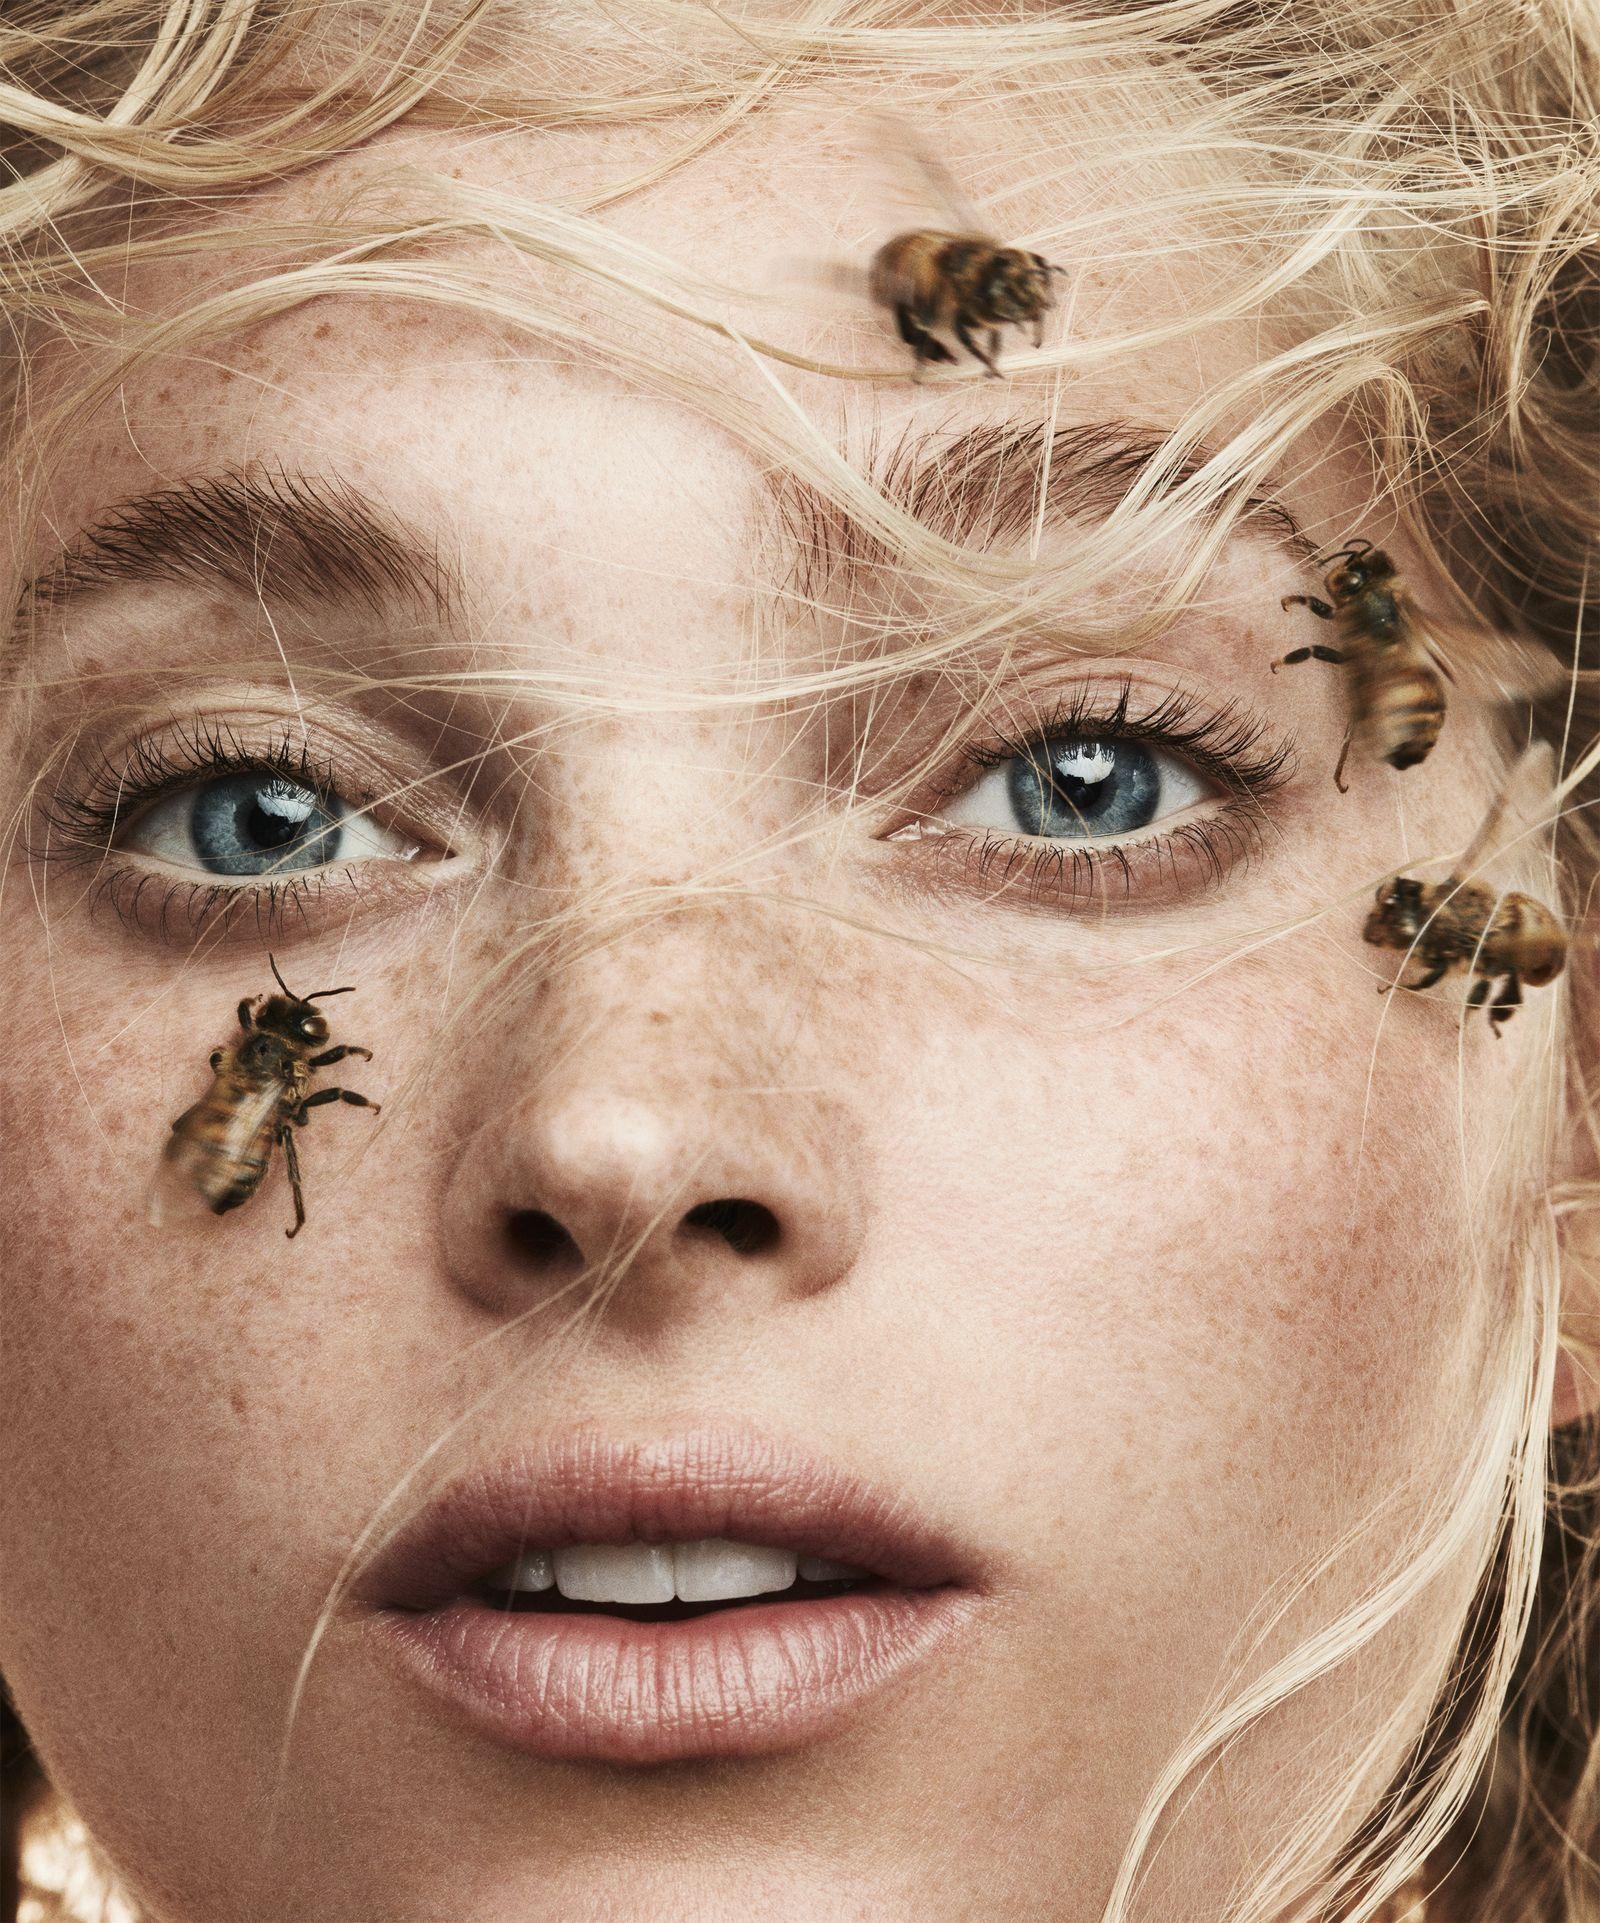 công dụng nọc ong đêm tới trong làm đẹp da